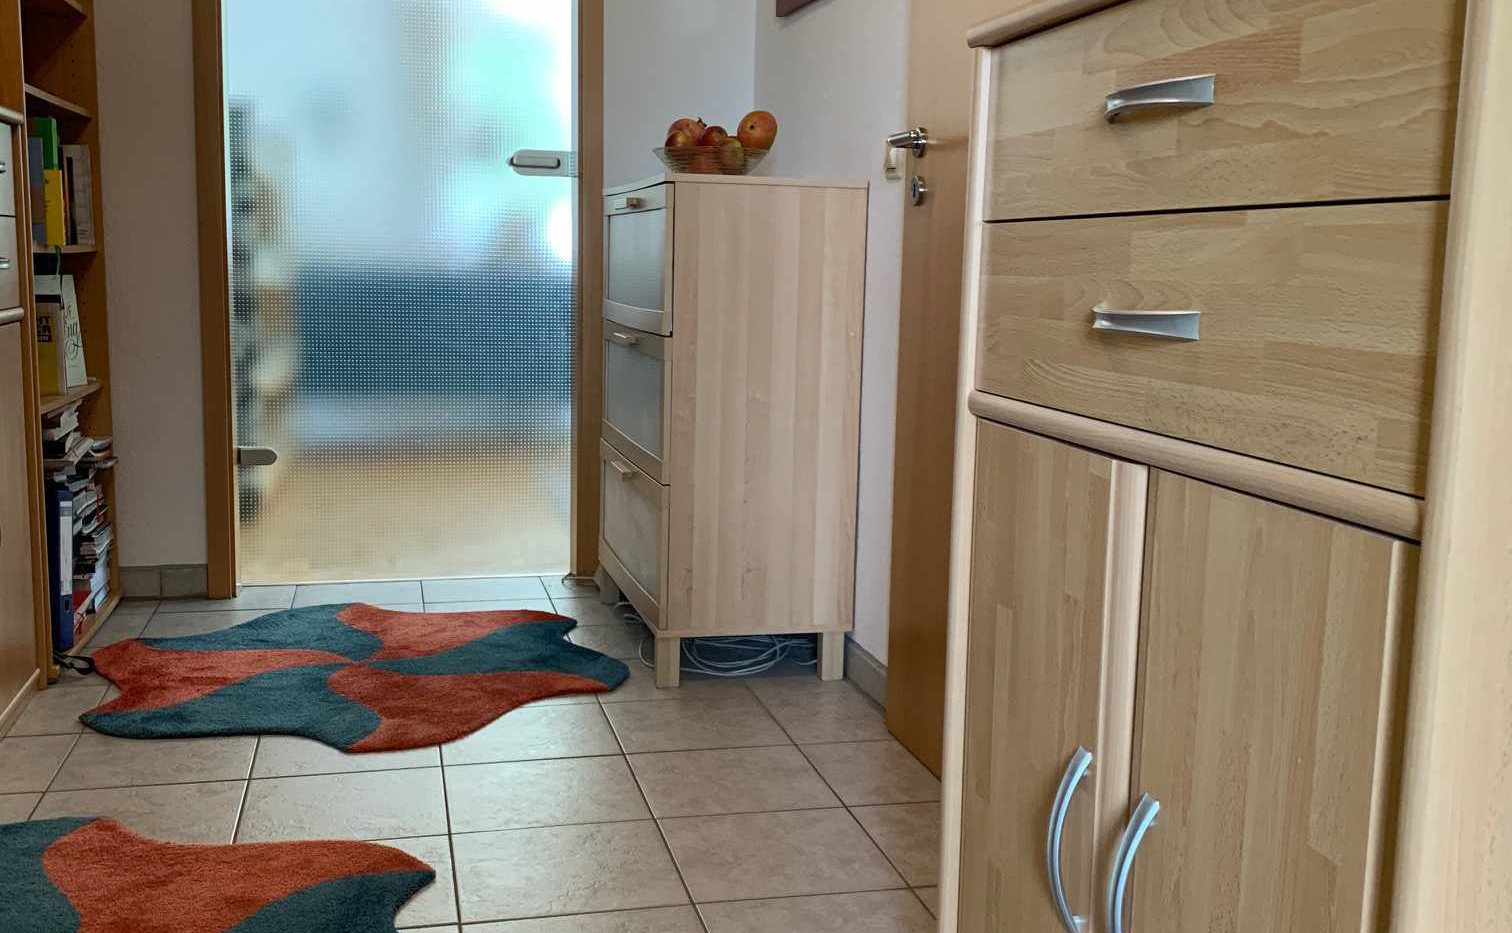 Wohnweisend_Immobilien_Flur3_WVME520HB.j